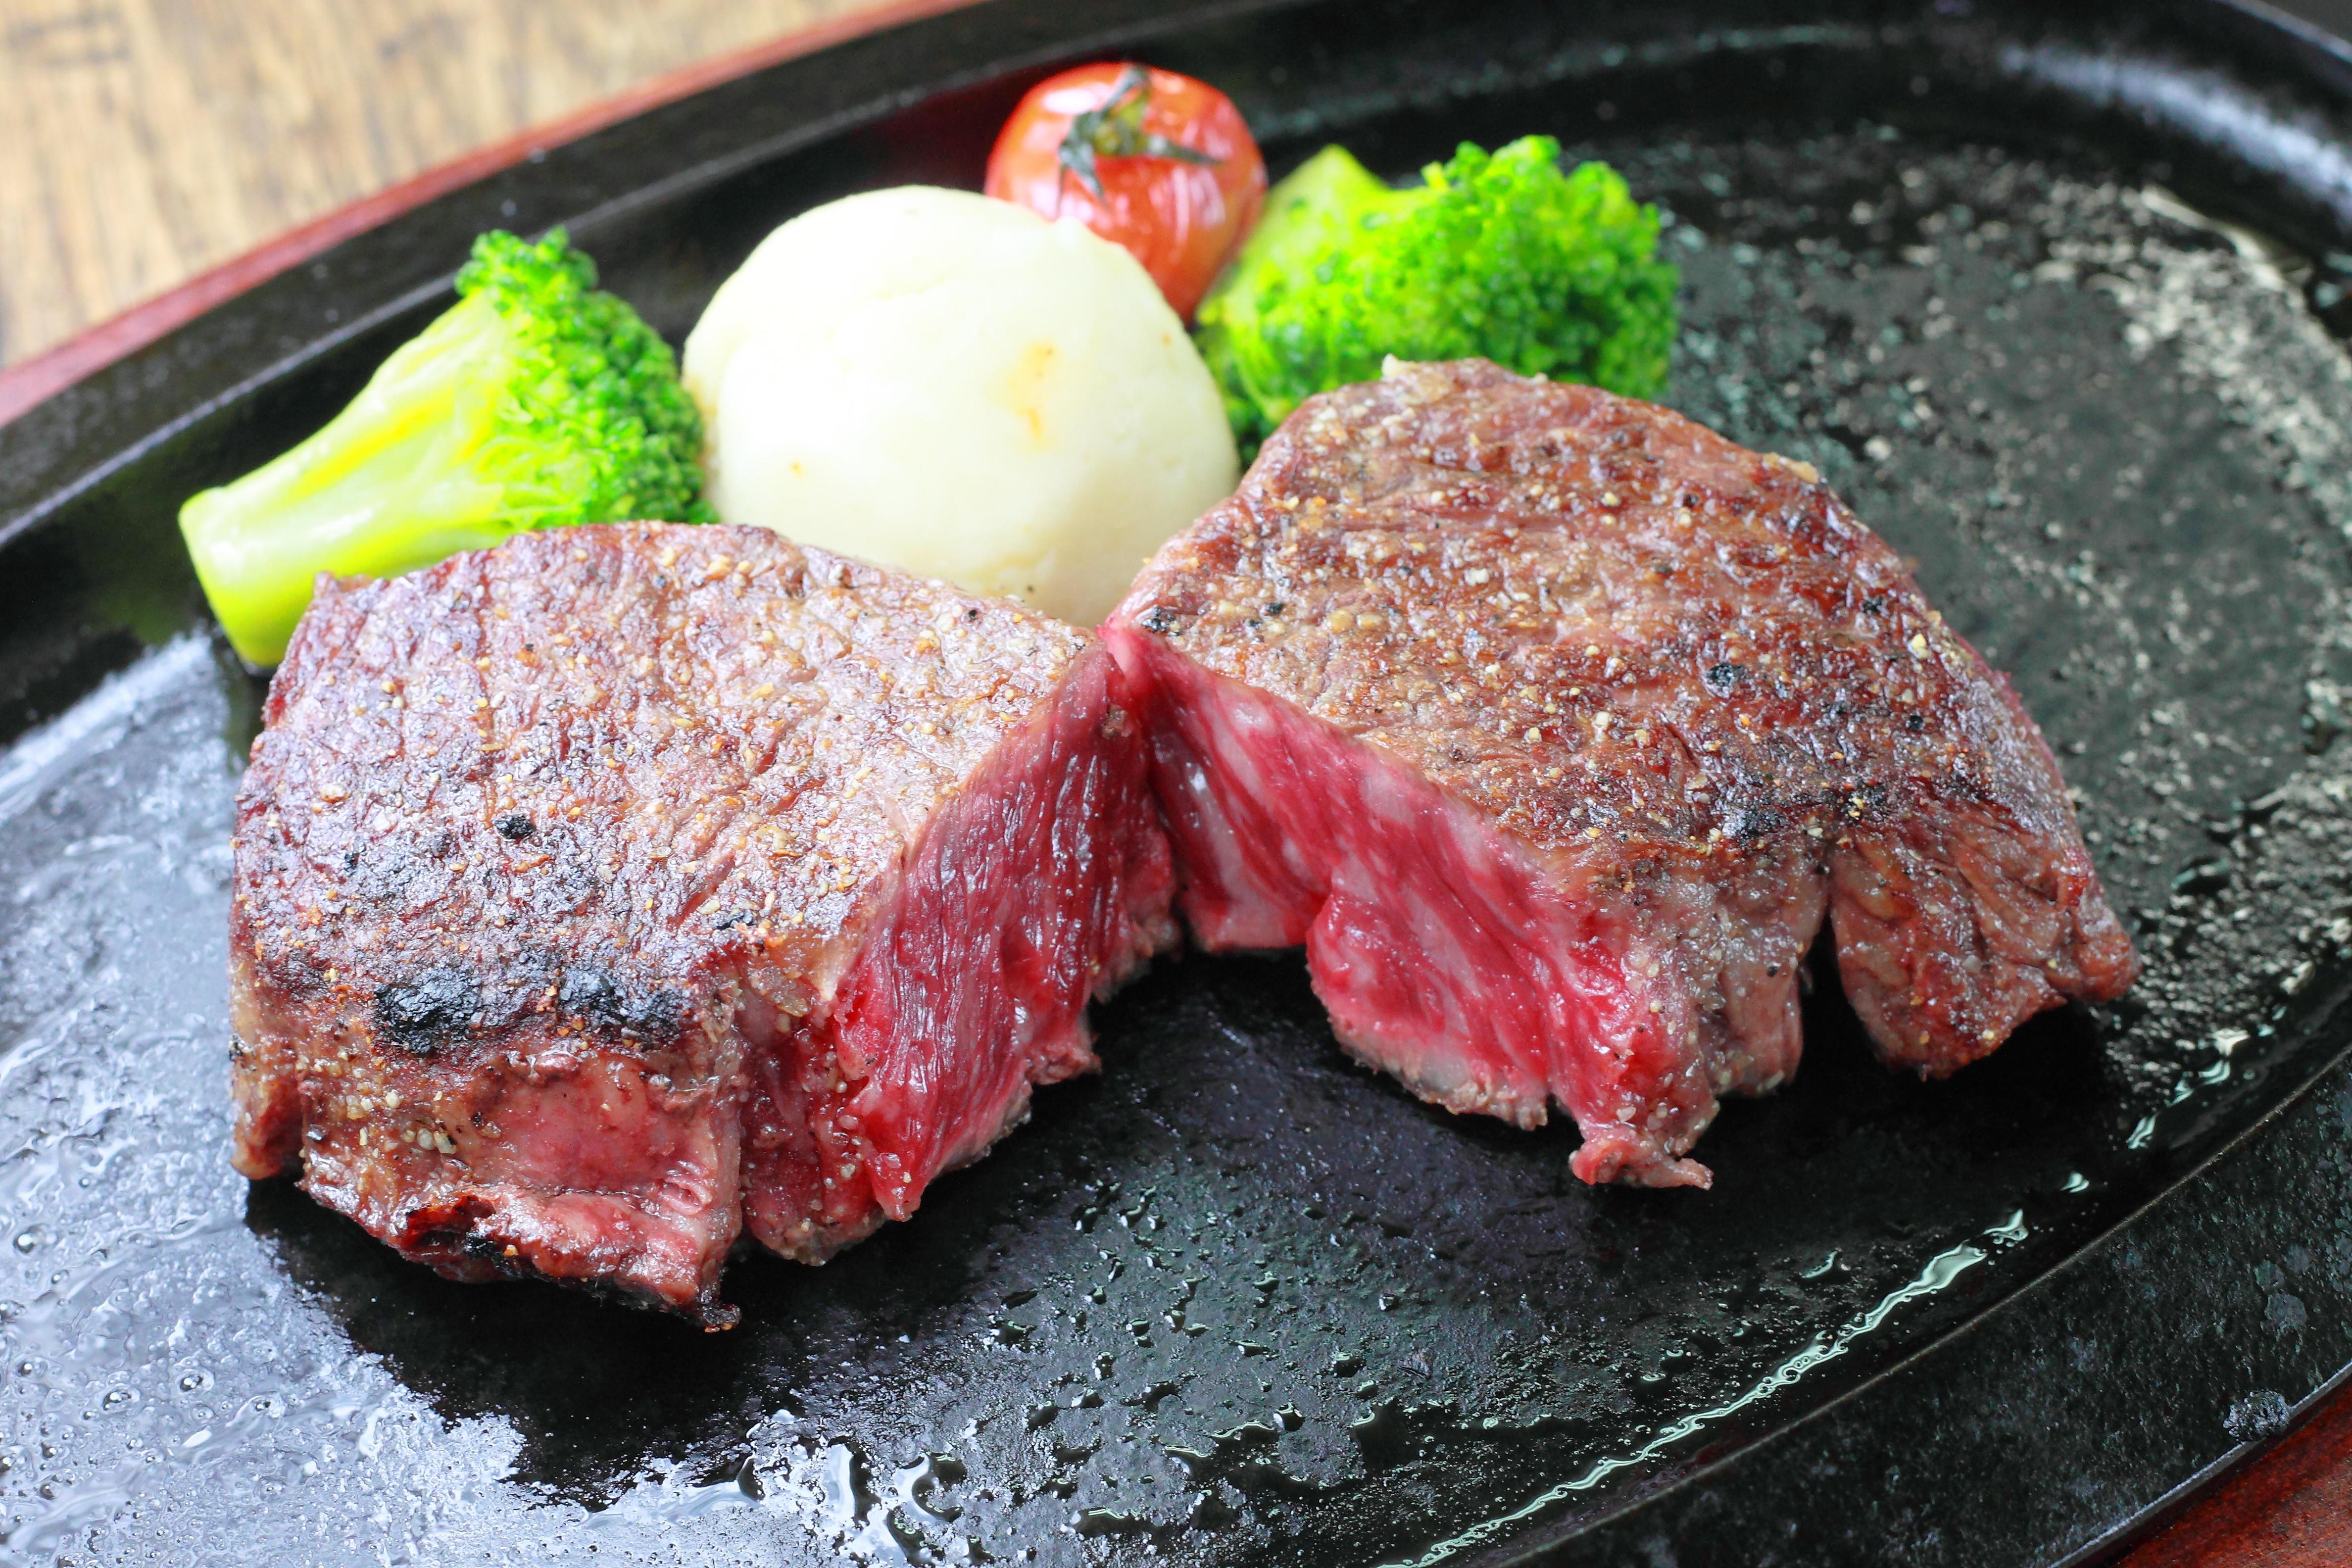 肉の焼き方のテクニックは?美味しくステーキを食べるコツ